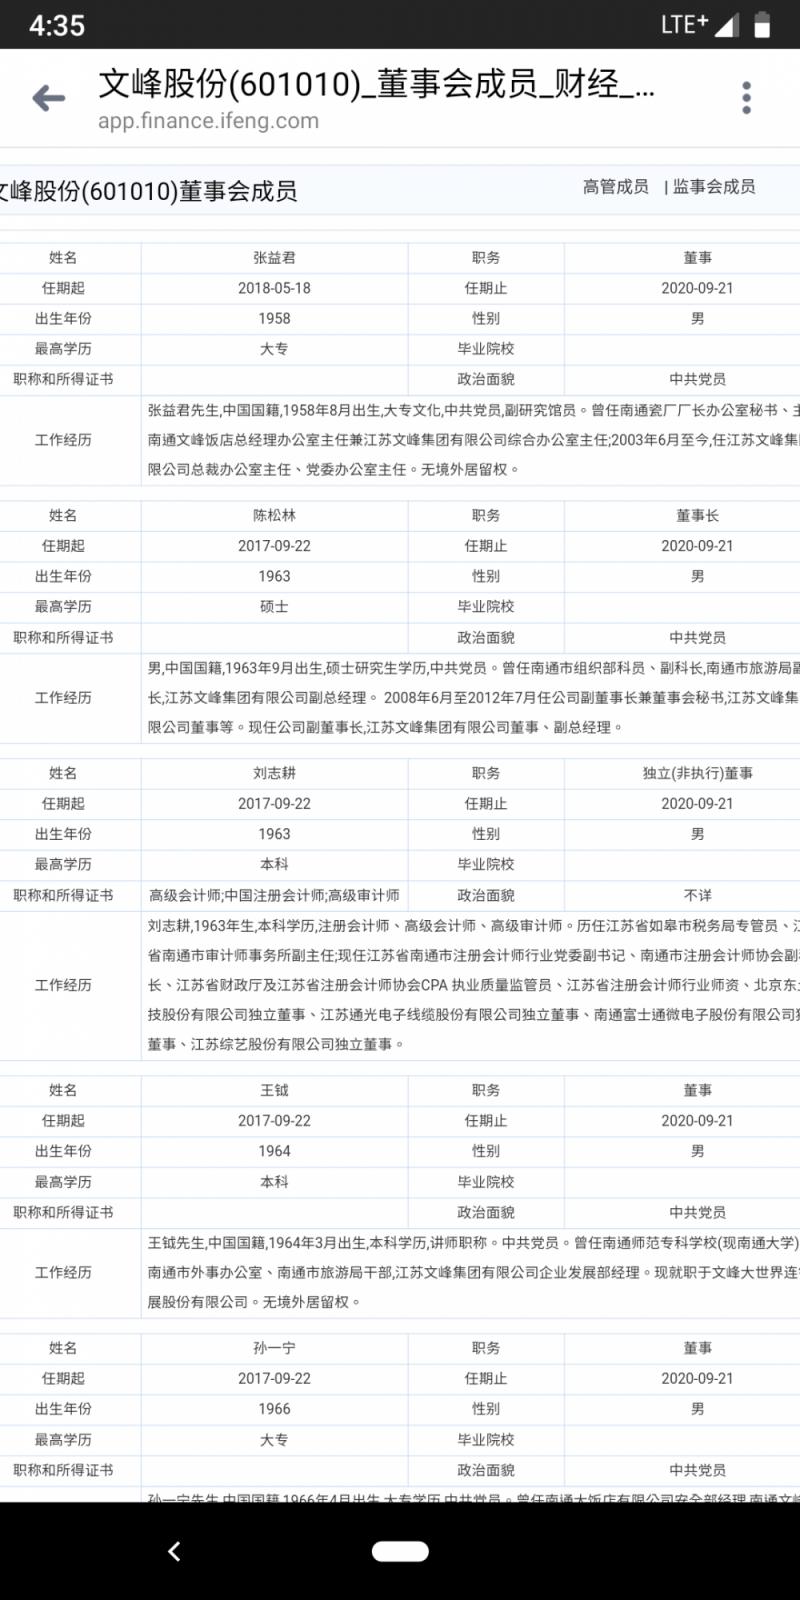 網友指出,江蘇文峰集團的成員多半是中共黨員,直指這家公司就是中國共產黨黨營企業。(圖擷取自PTT)